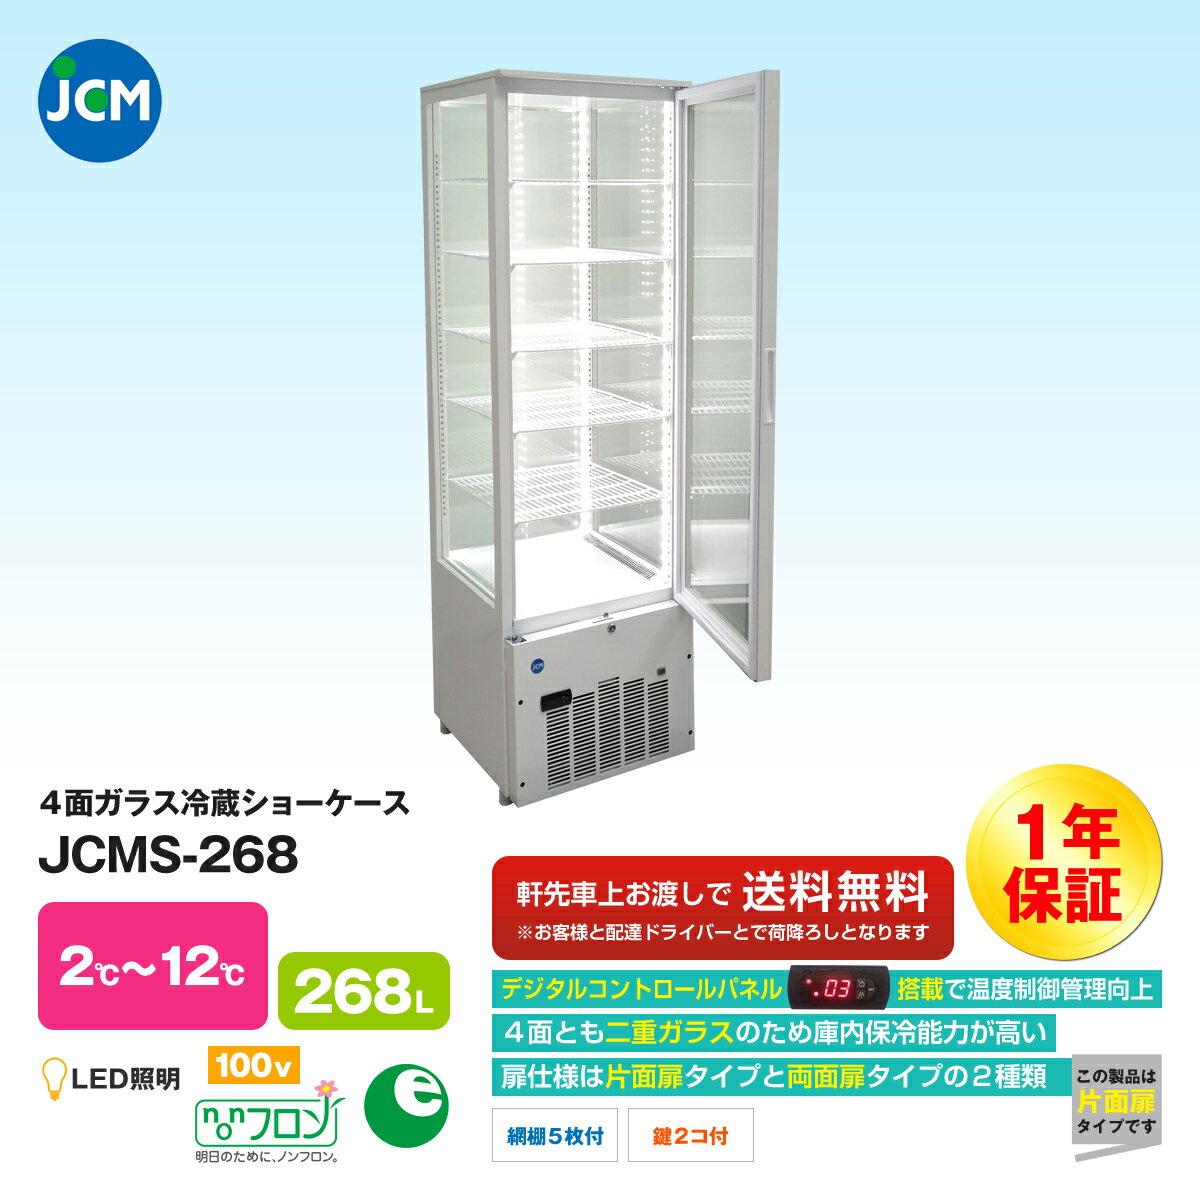 【エントリーでポイント最大10倍】JCM社製 業務用 保冷庫 冷蔵庫 268L 4面 ガラス 冷蔵 ショーケース JCMS-268 新品